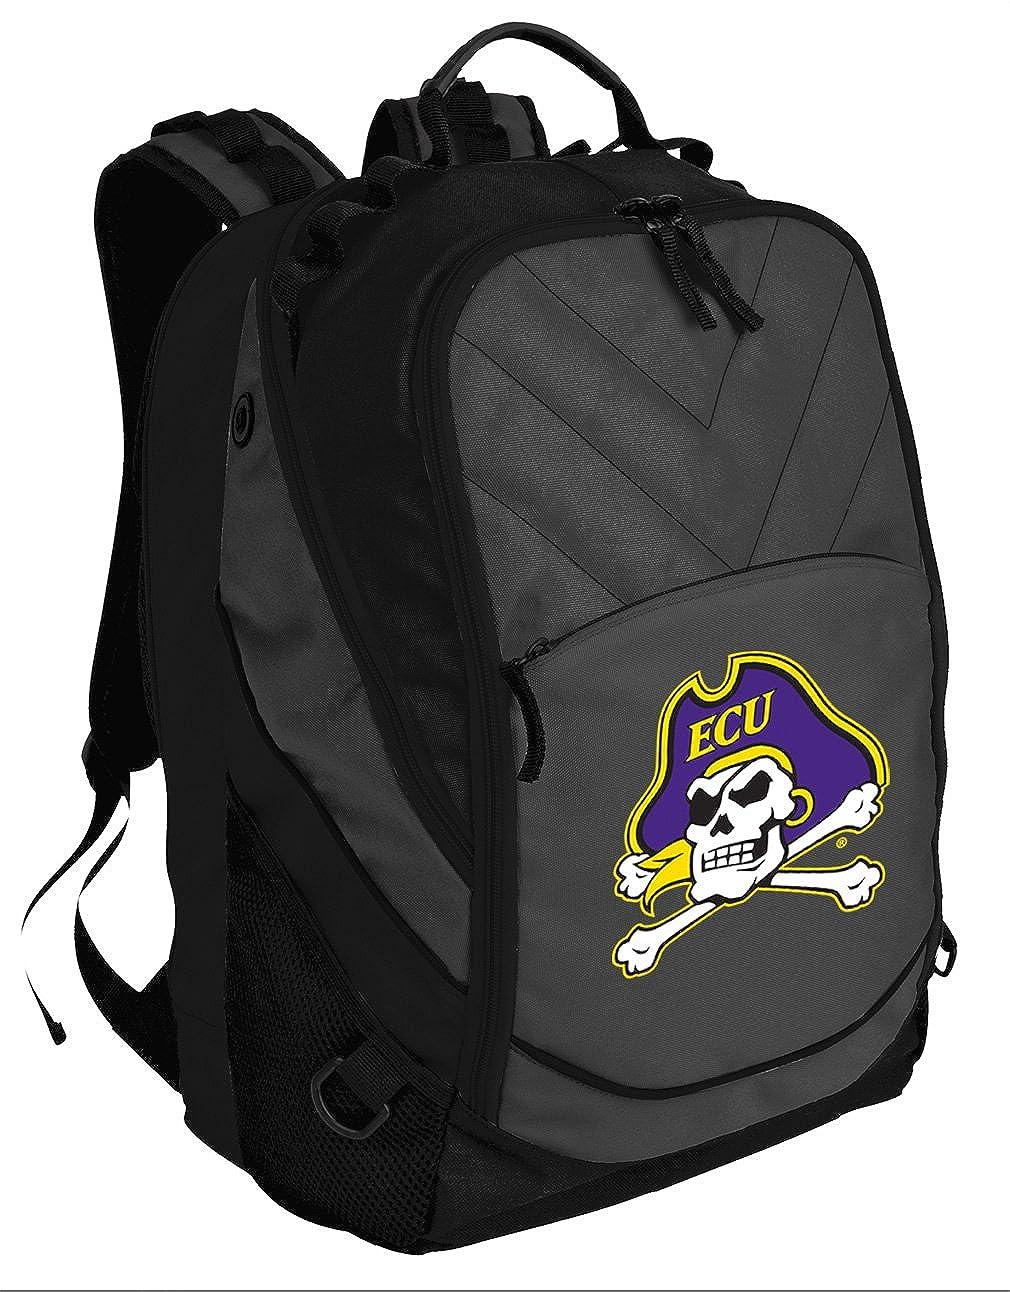 Broad Bay Best East Carolina University Backpack Laptop Computer Bag